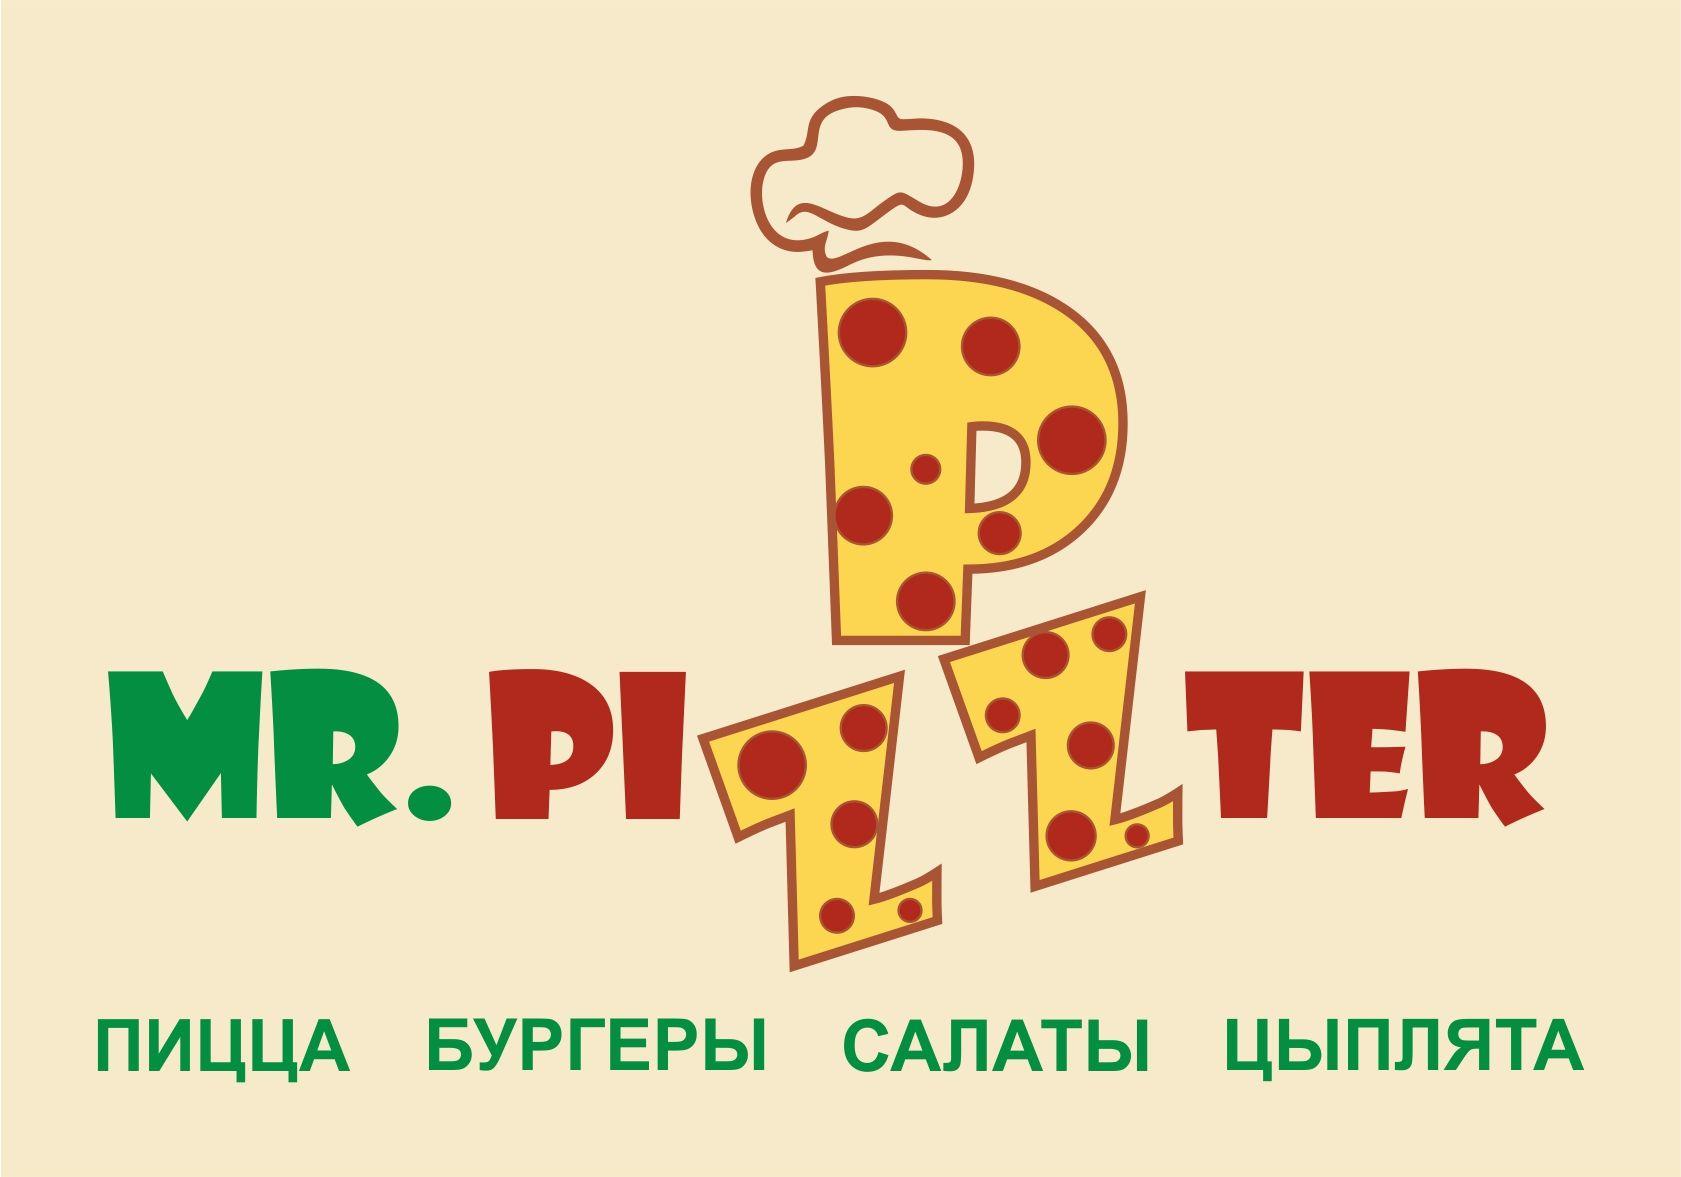 Доставка, кафе пиццы, сендвичей, бургеров. - дизайнер Krasivayav